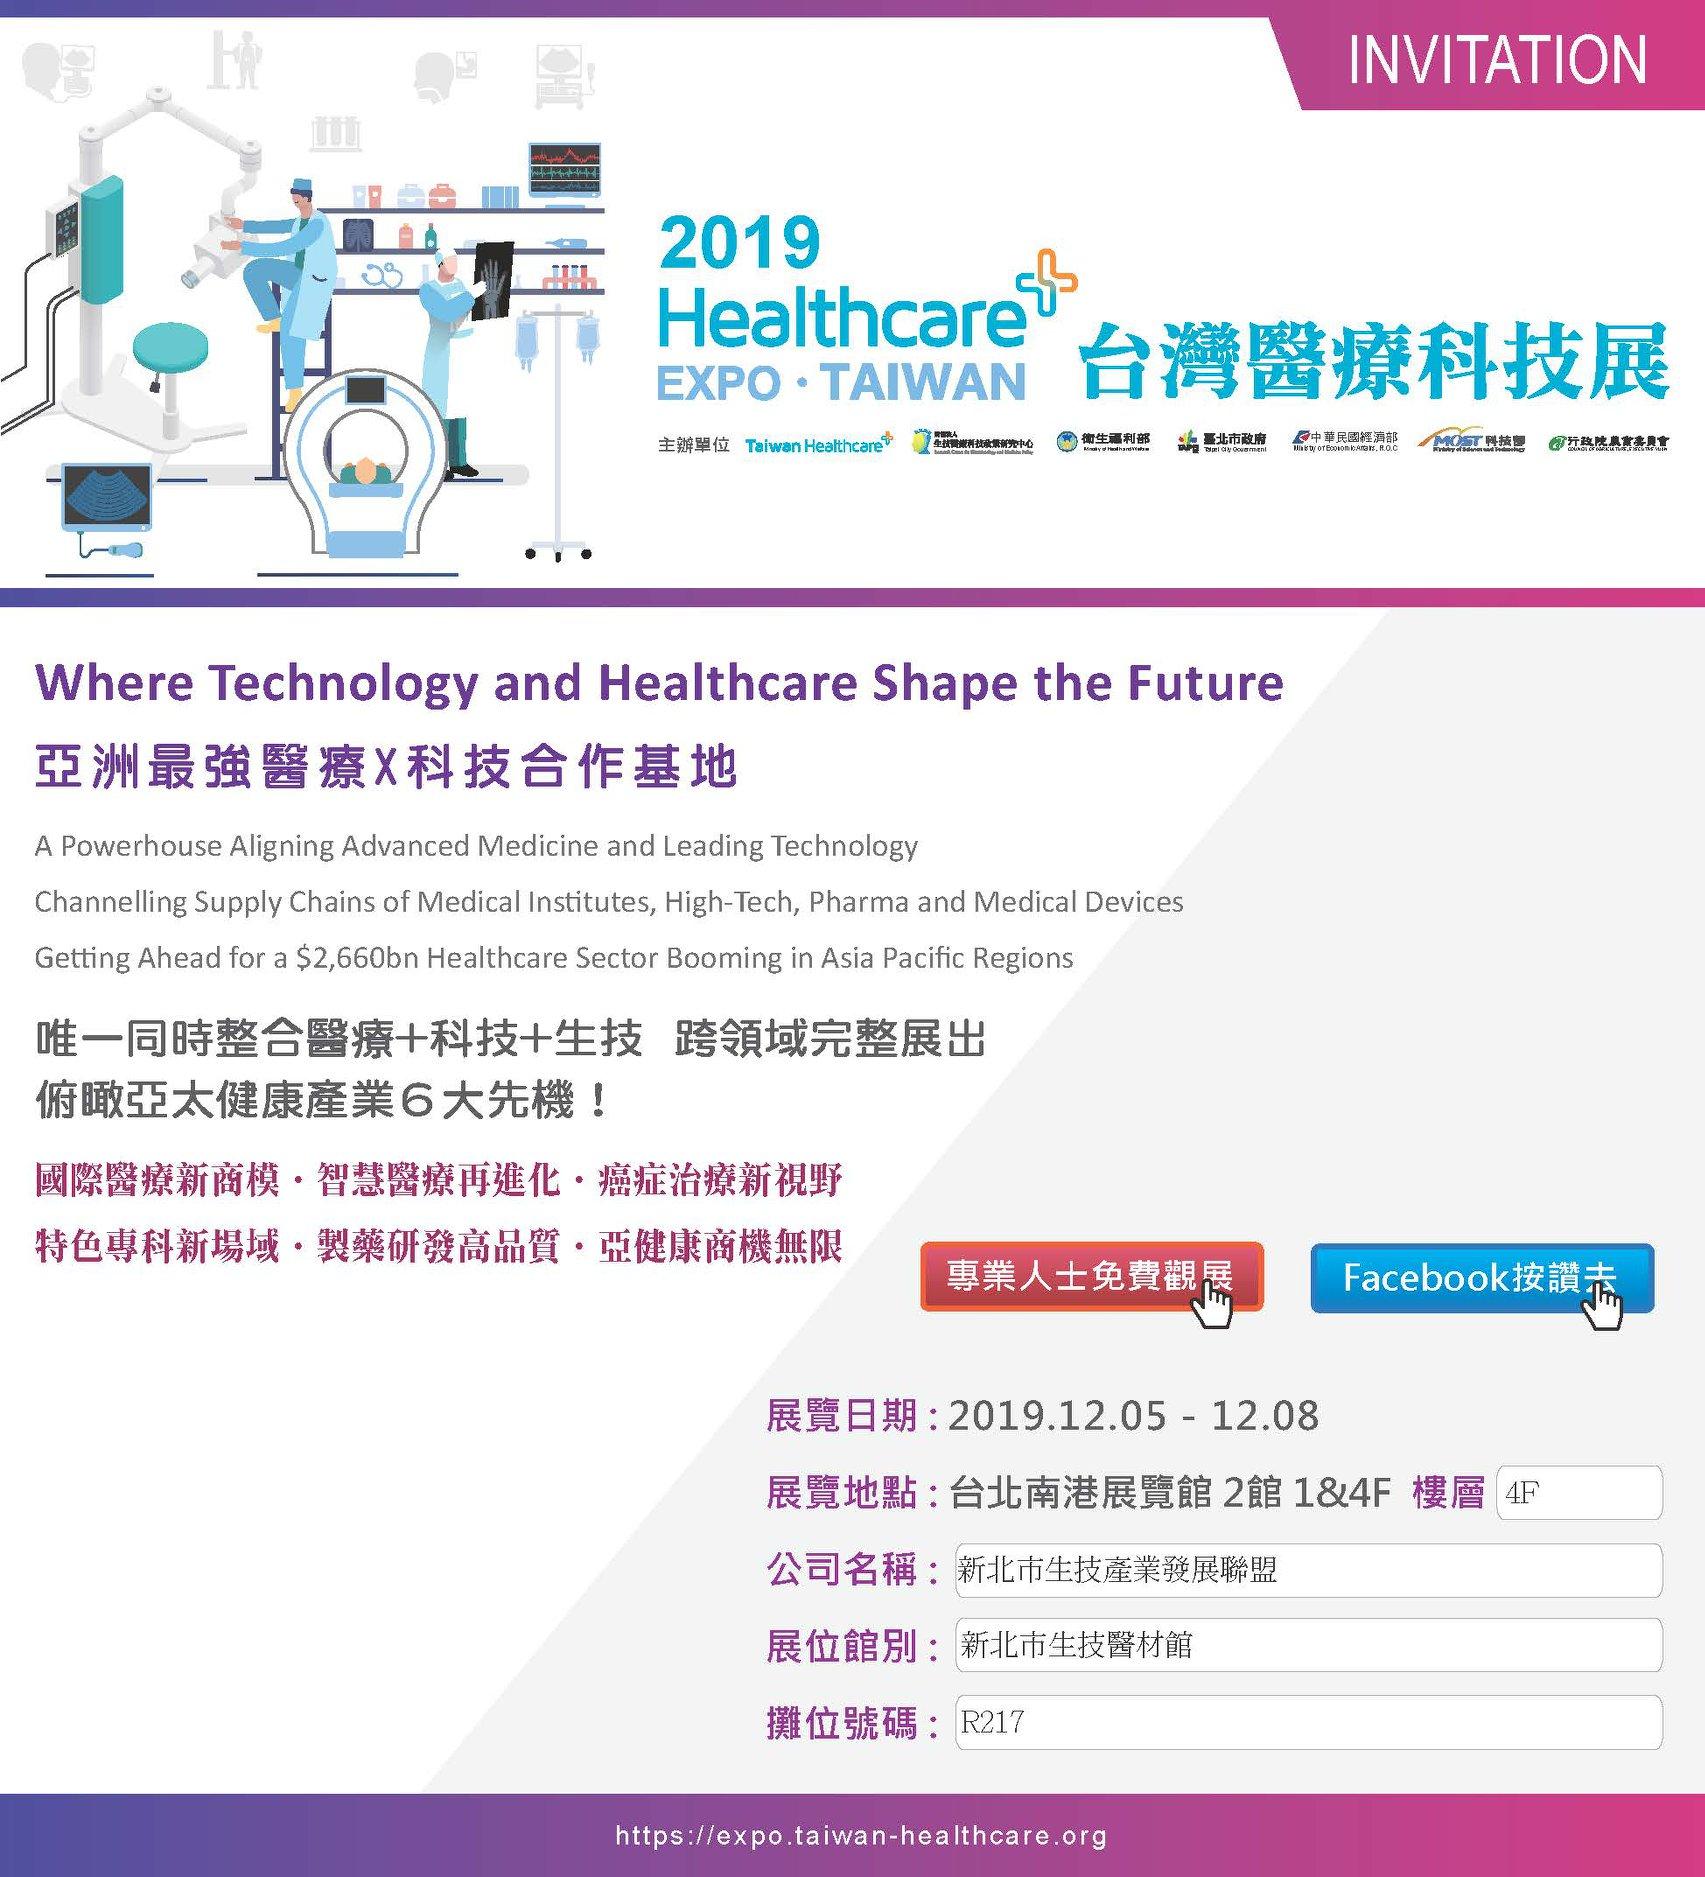 新北生技醫材館-台灣醫療科技展2019